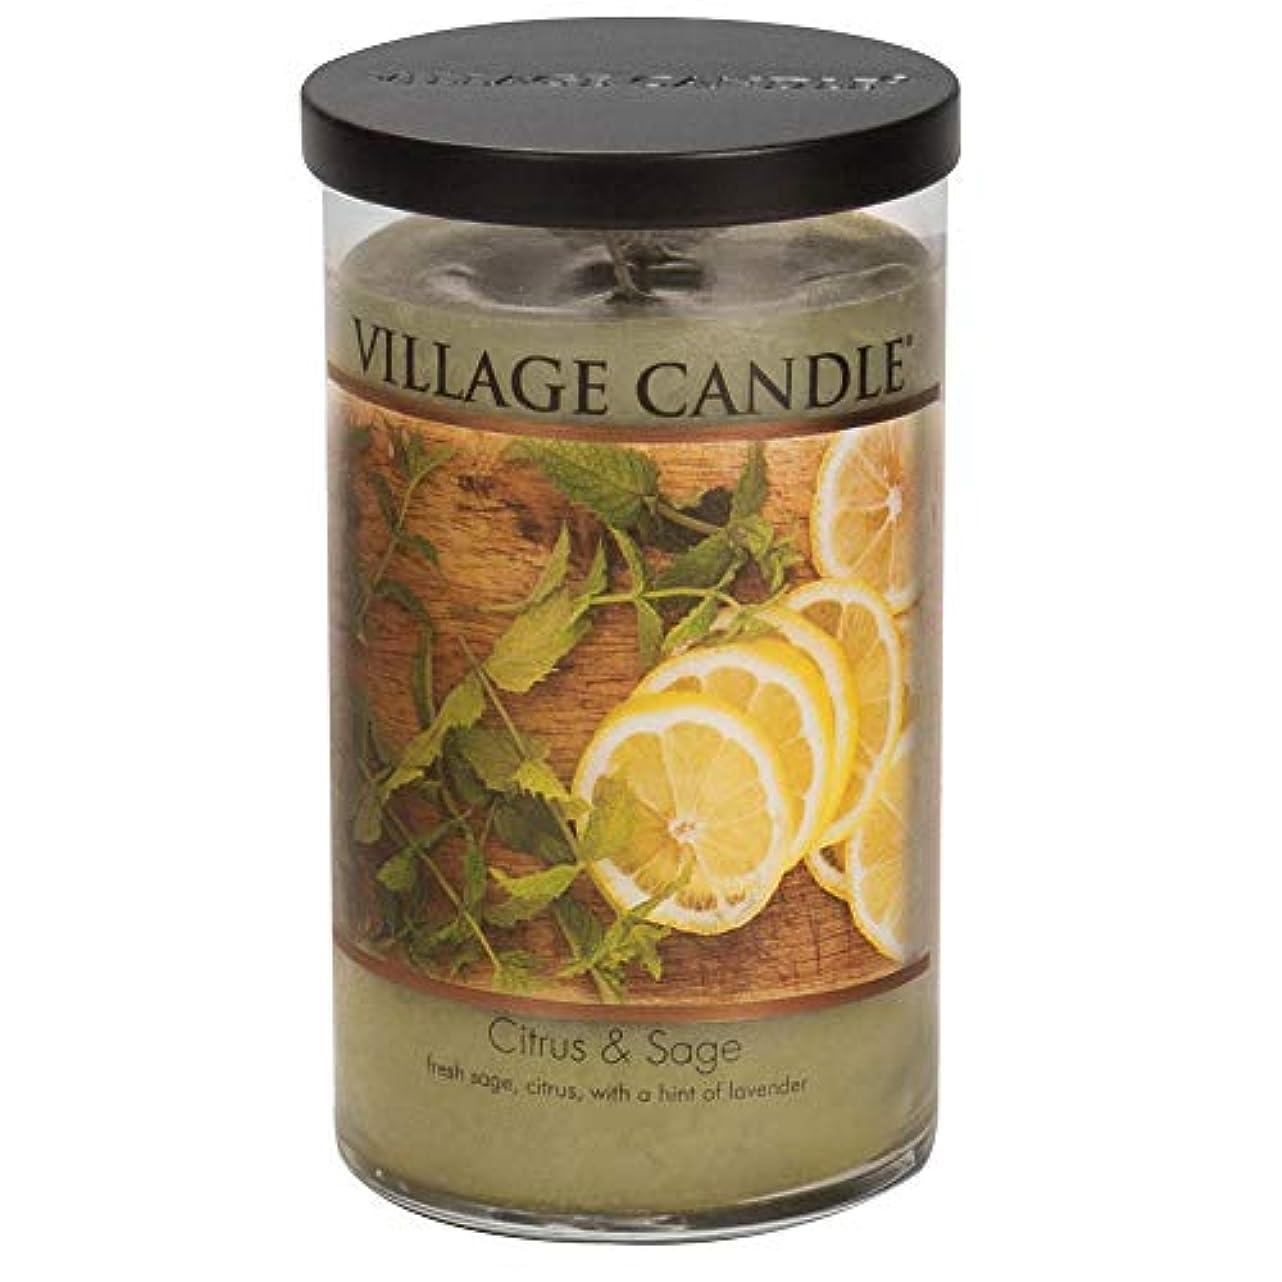 帰る考えるモデレータVillage Candle Citrus & Sage 24 Oz LargeタンブラーScented Candle